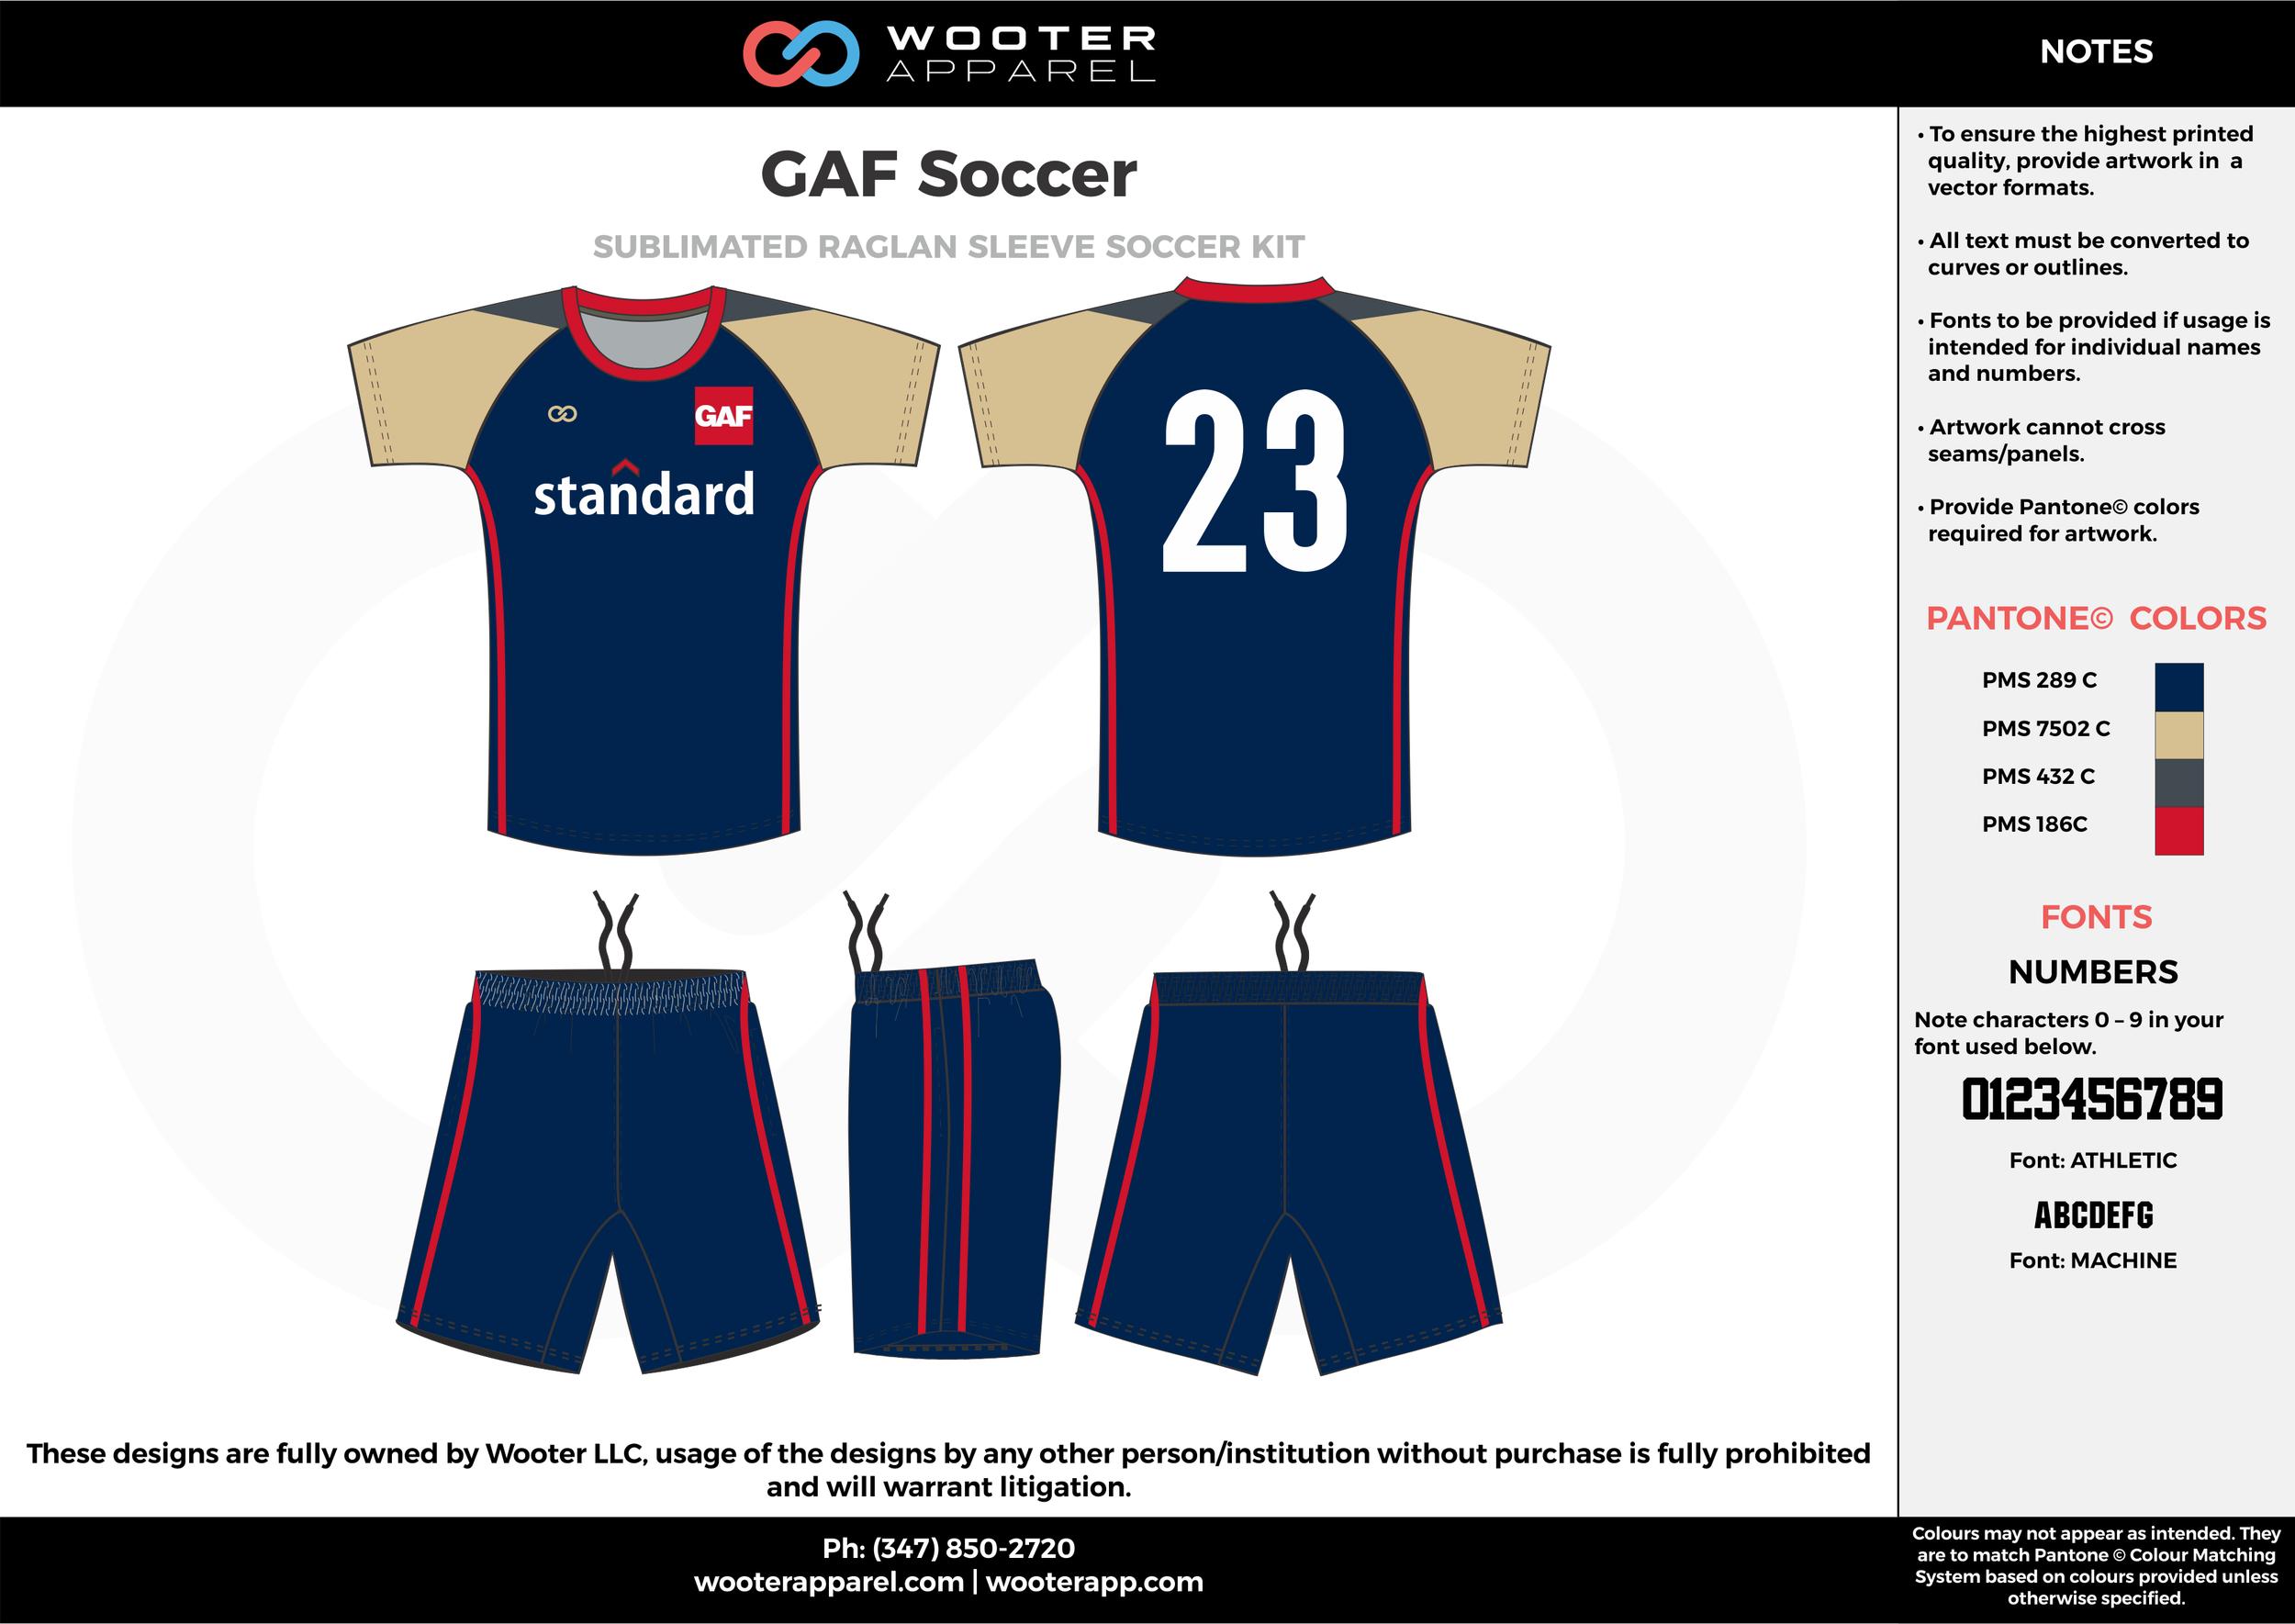 GAF Soccer beige blue red custom sublimated soccer uniform jersey shirt shorts